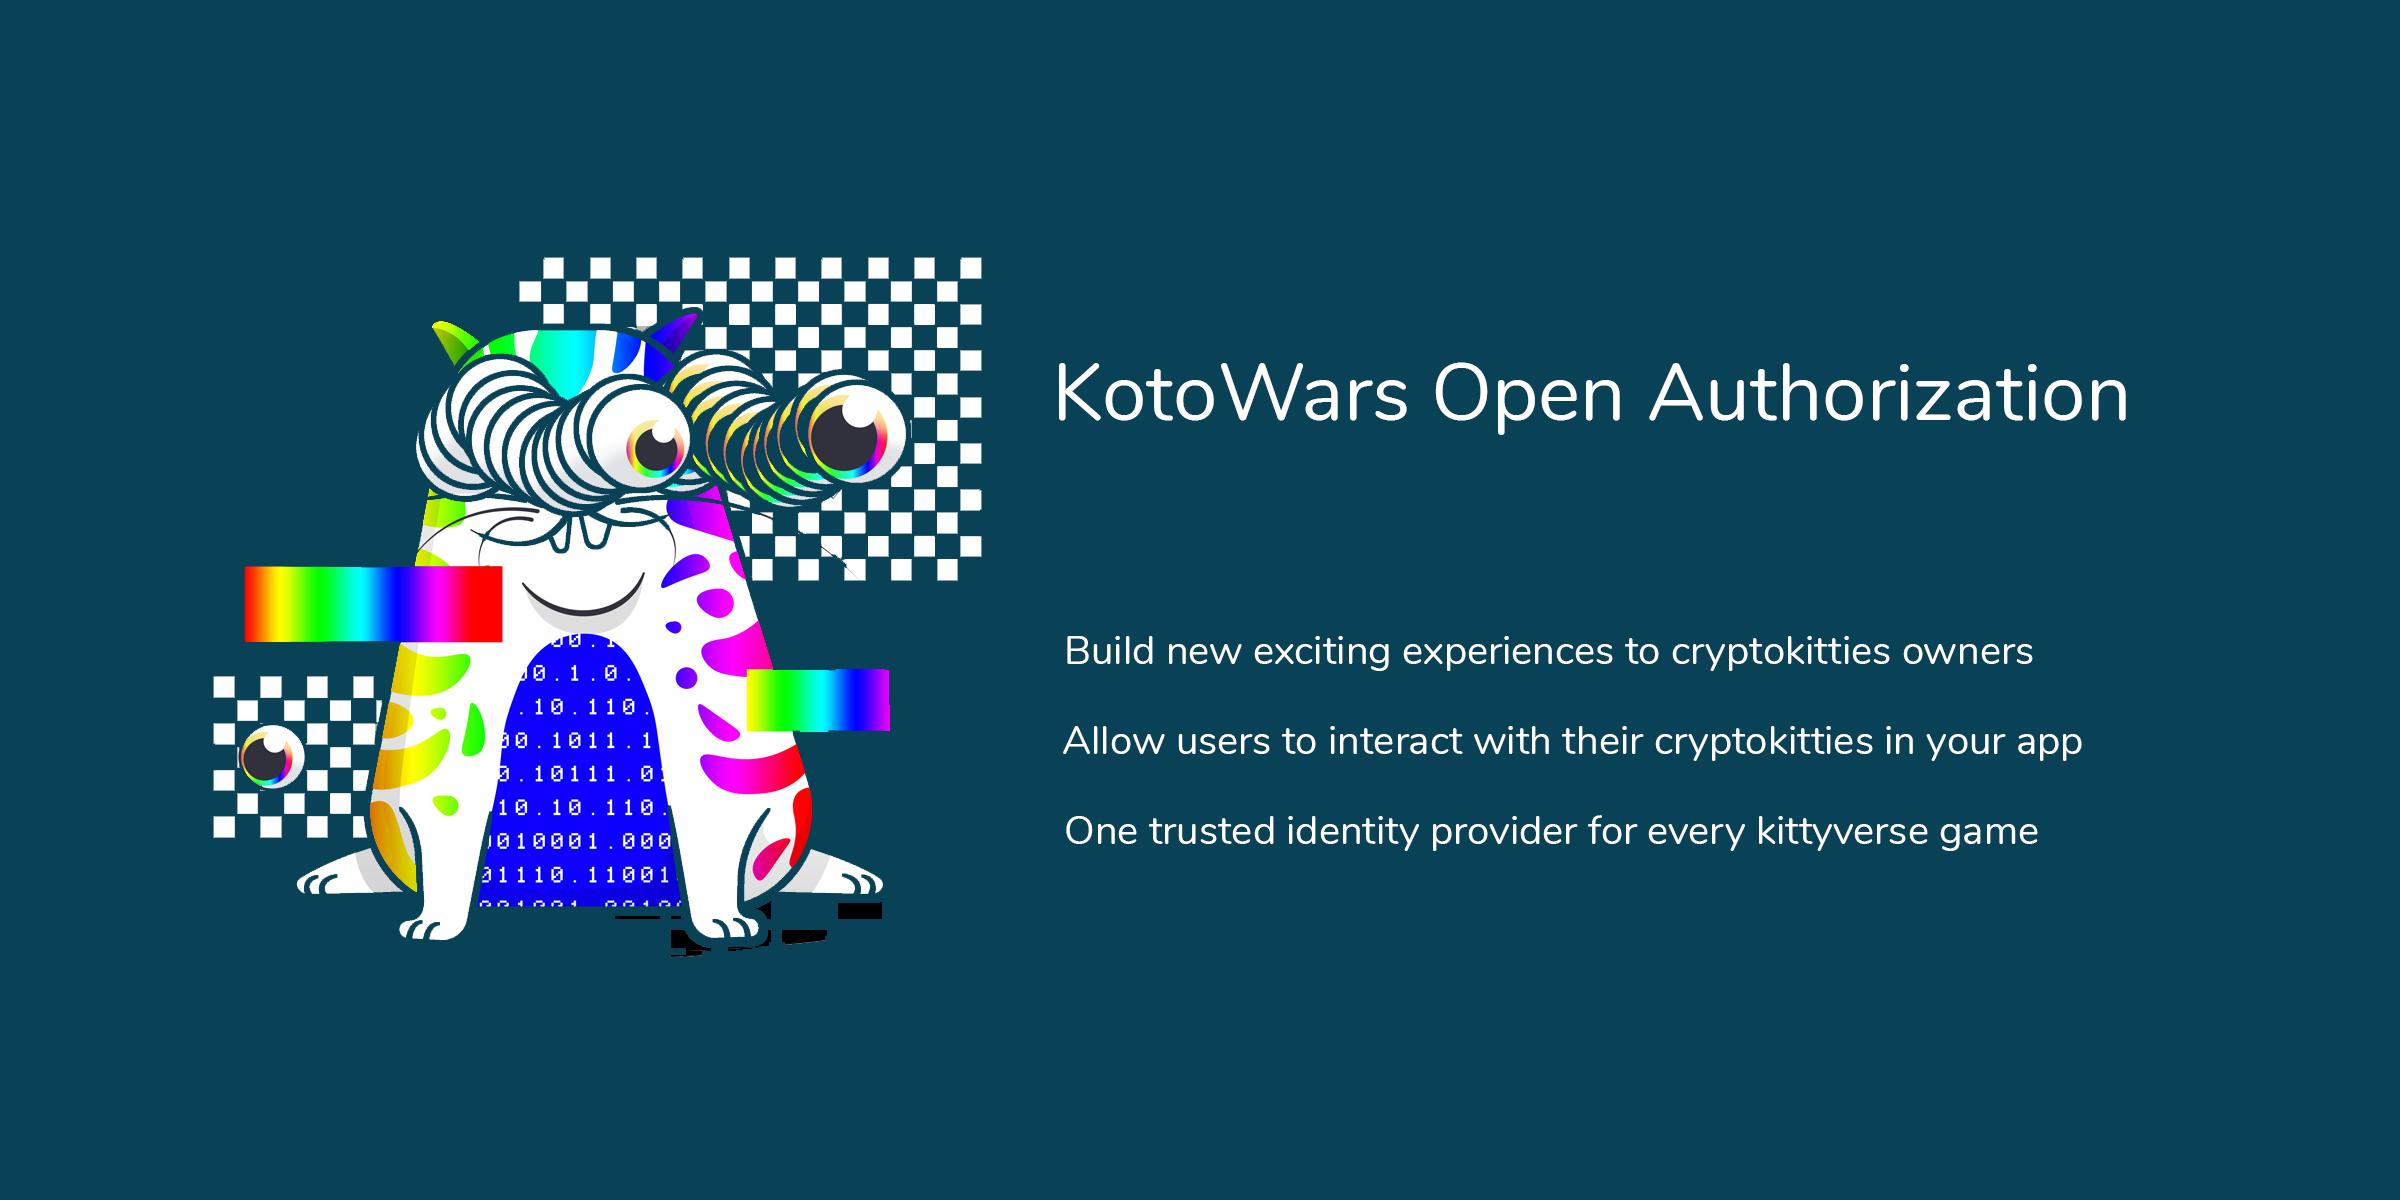 OpenAuthorization